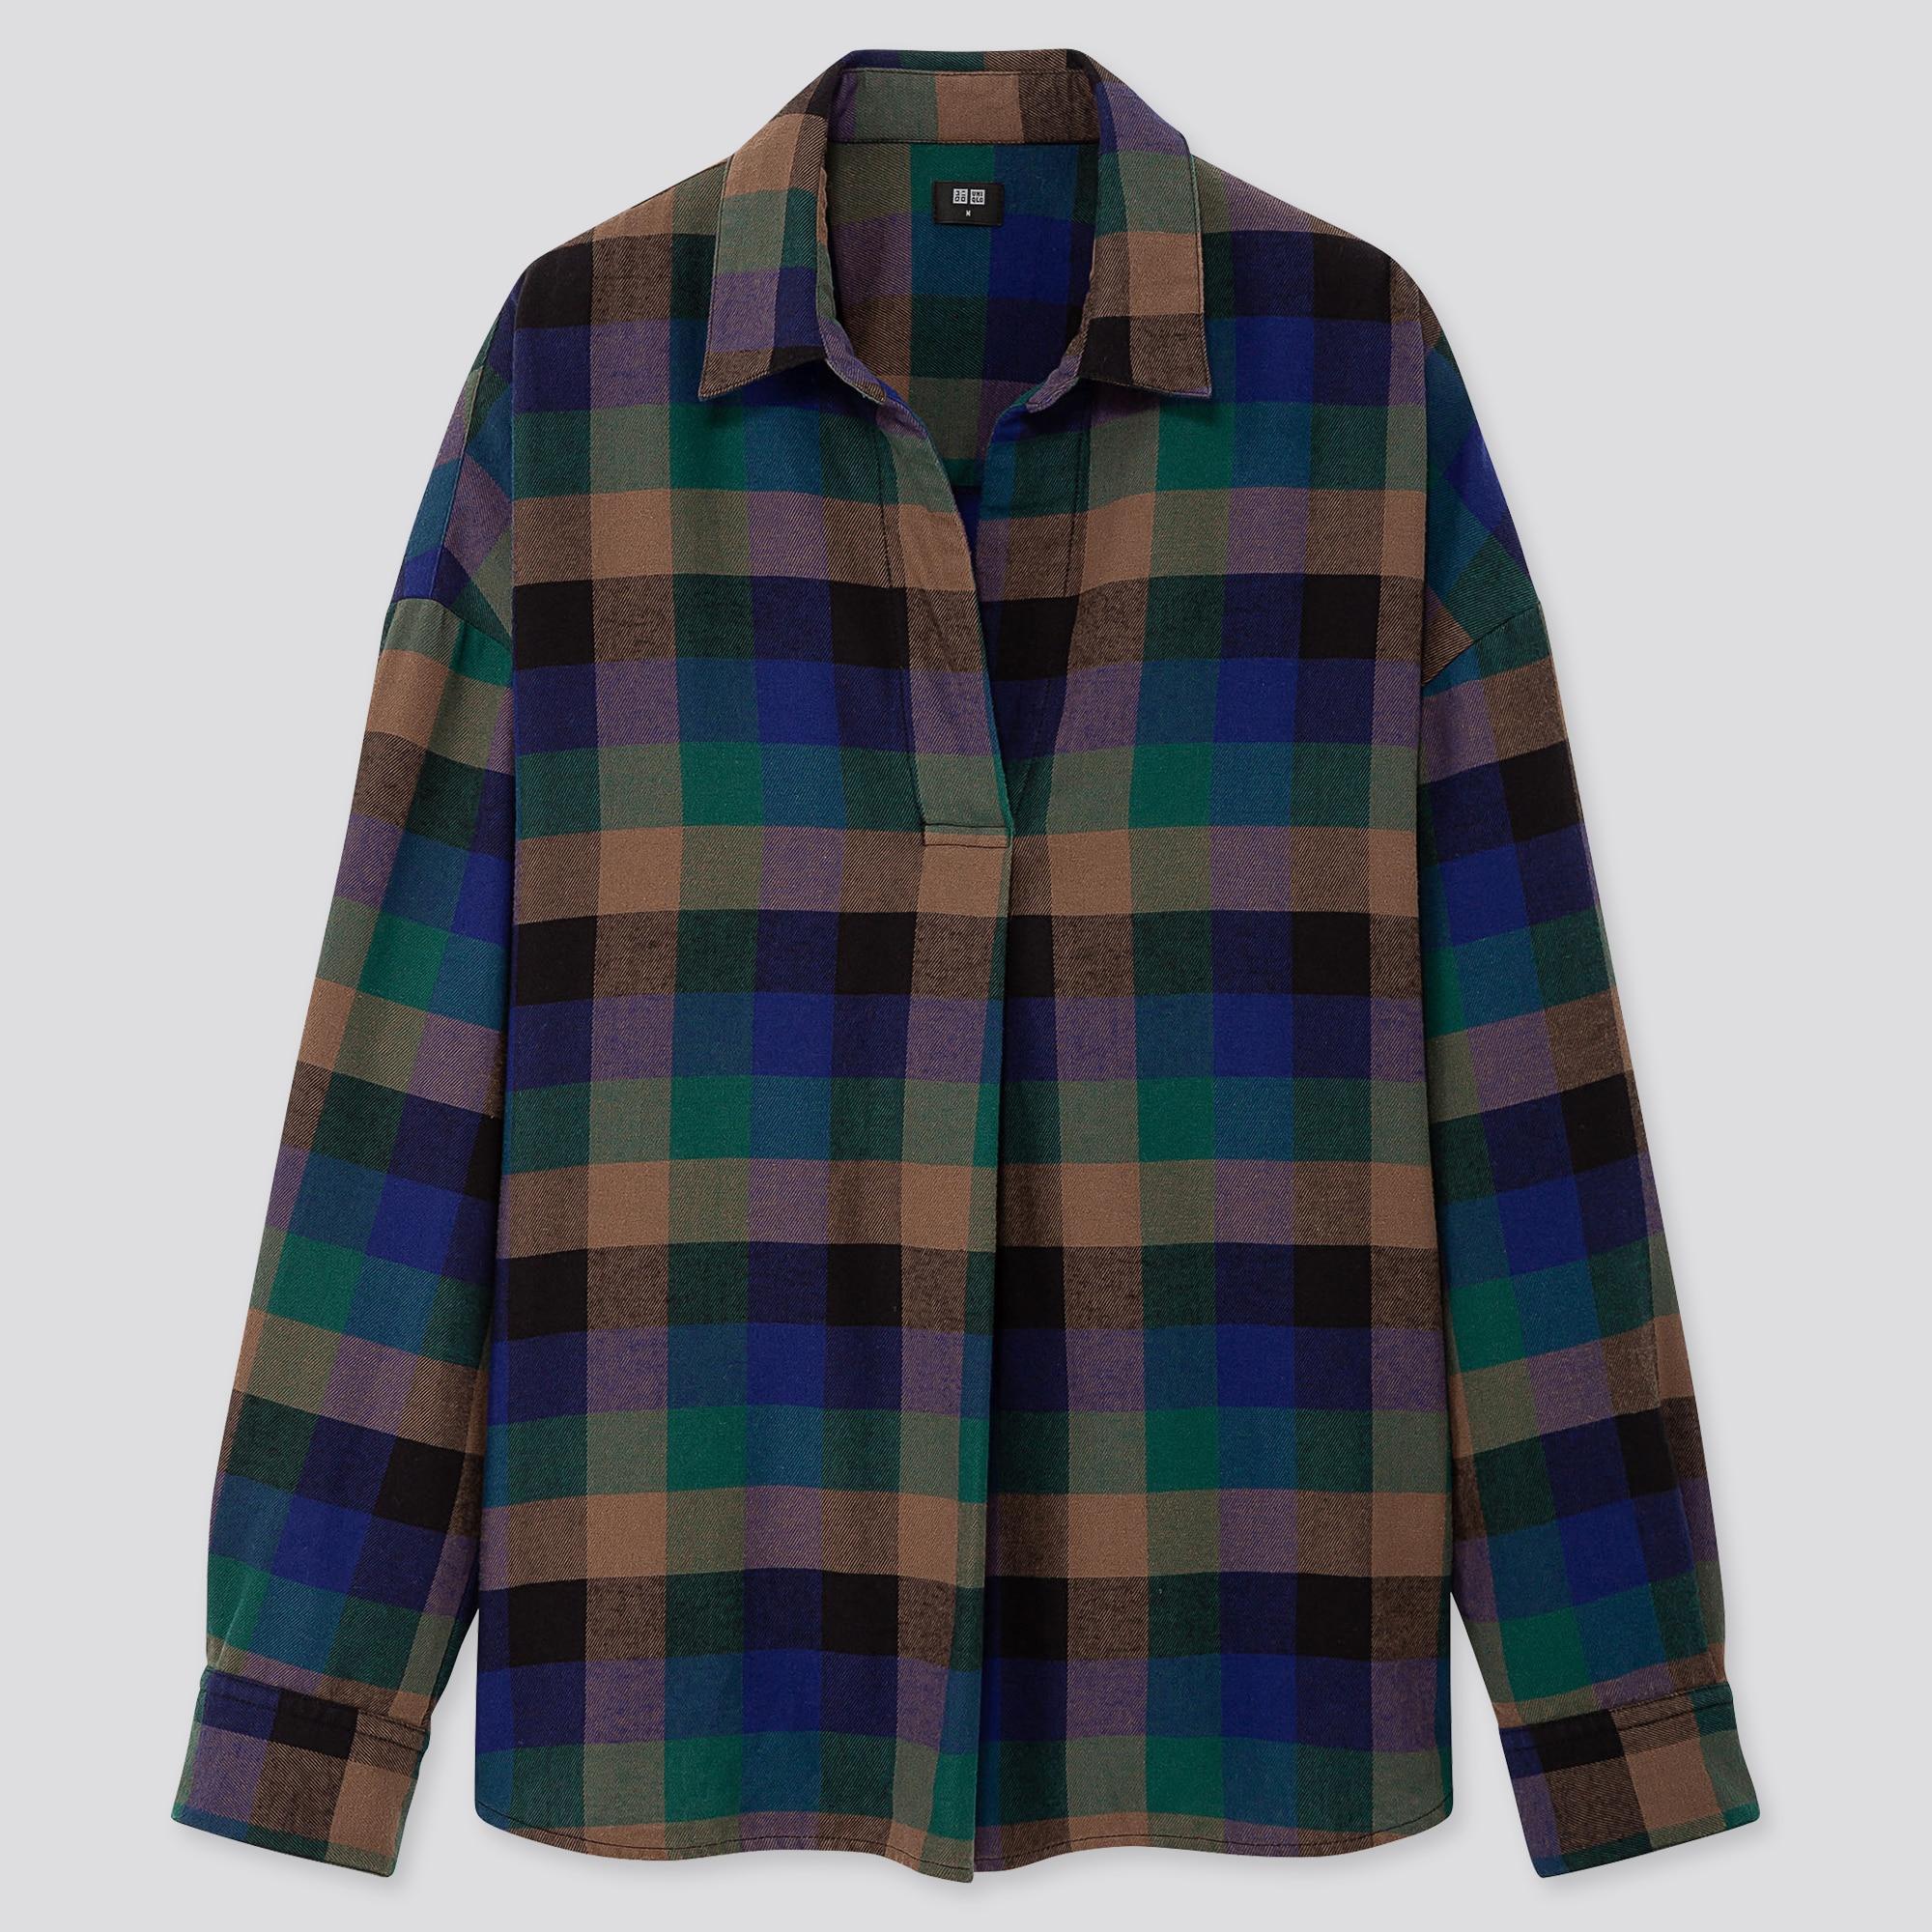 Chemises FemmeUniqlo Flanelle Chemises En En Chemises FemmeUniqlo FemmeUniqlo Chemises En Flanelle Flanelle BorCxde